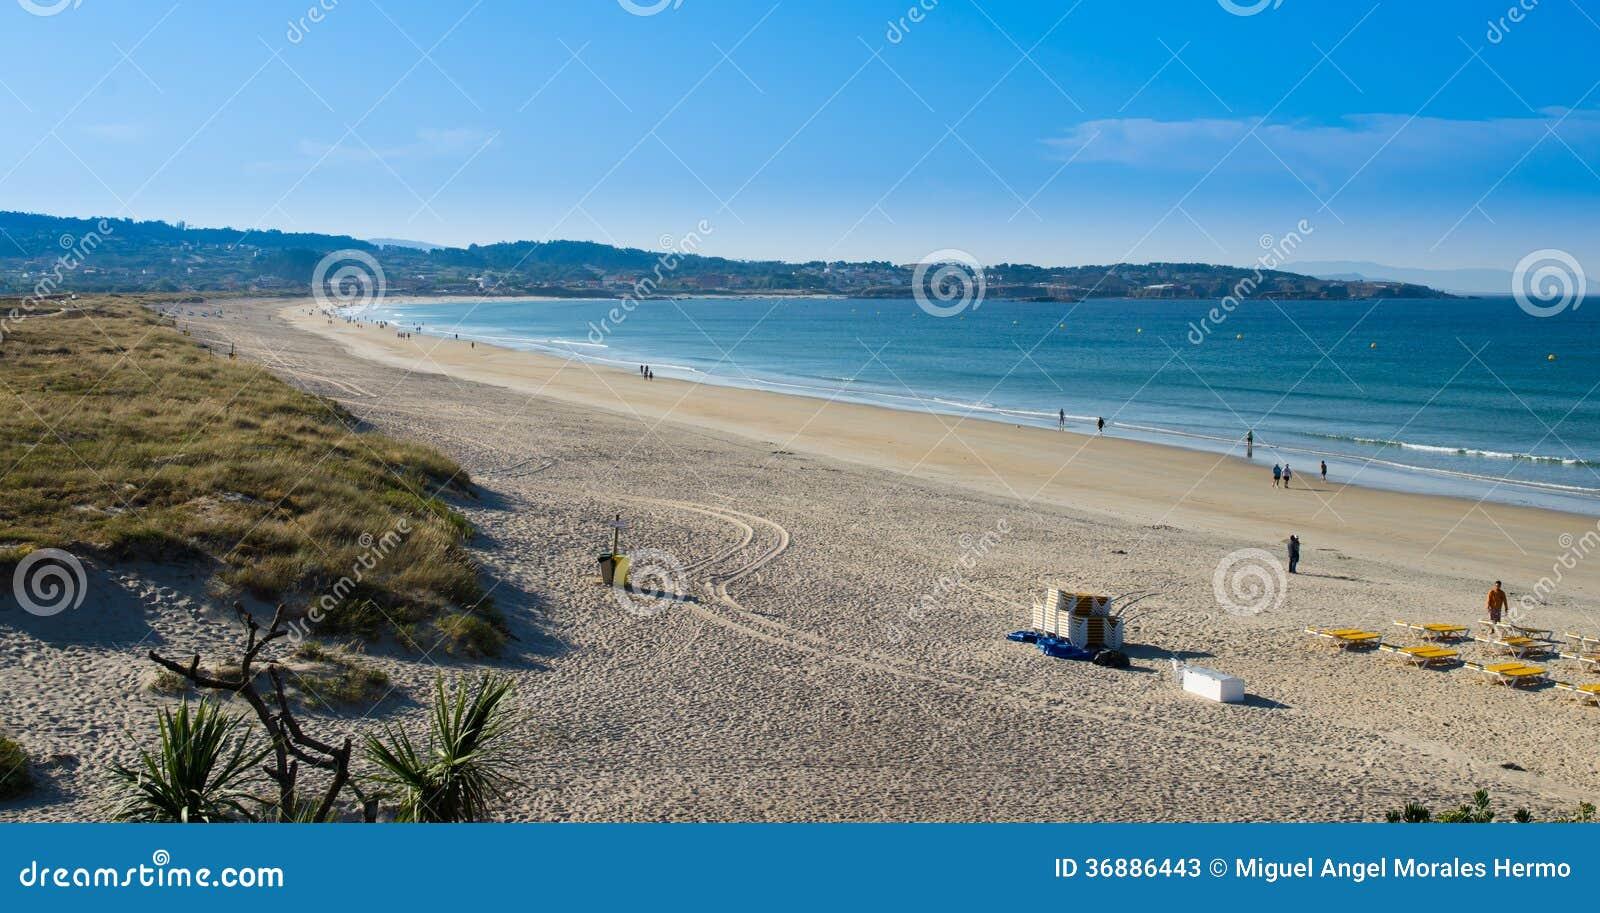 Download Spiaggia Di Lanzada Della La Fotografia Stock Editoriale - Immagine di acqua, background: 36886443